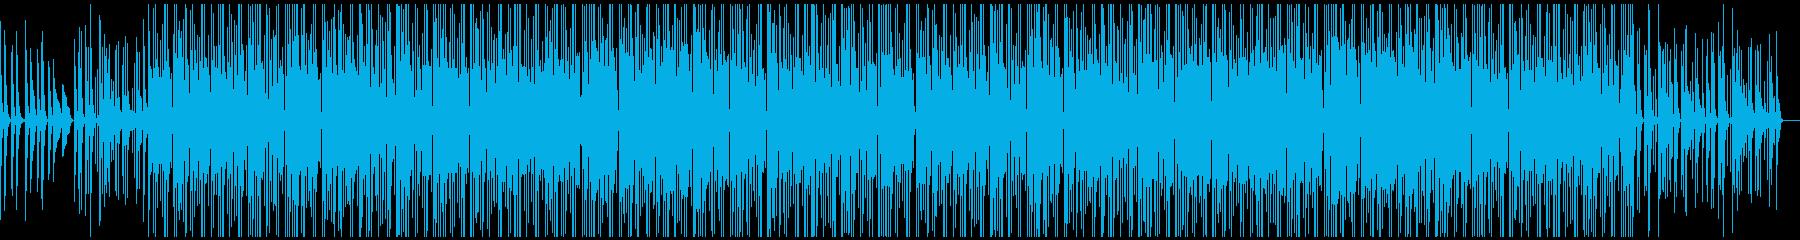 ピアノとギターの旋律が美しいジャズの再生済みの波形